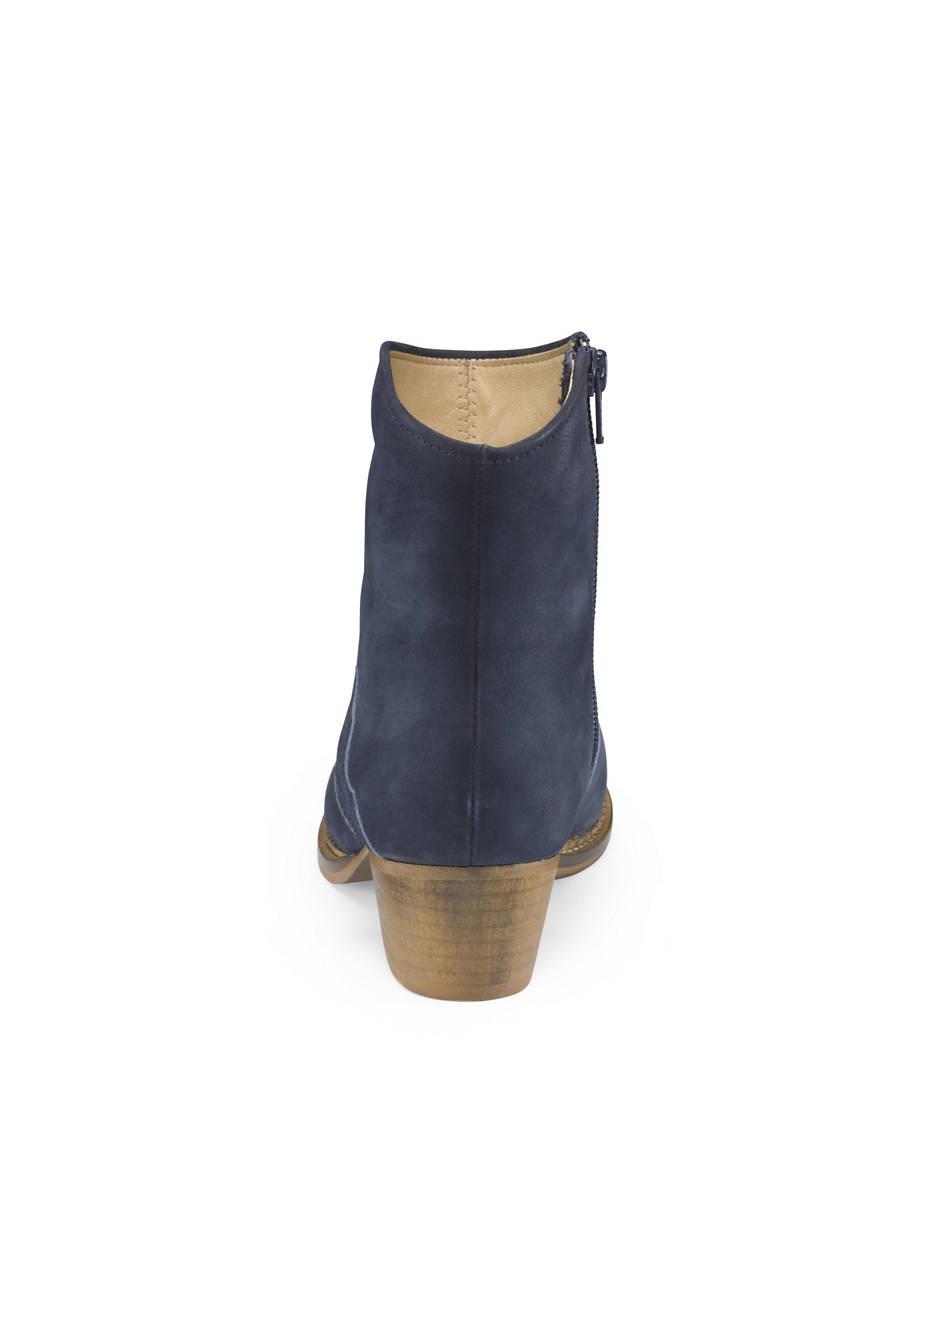 Damen Western-Stiefelette aus Leder